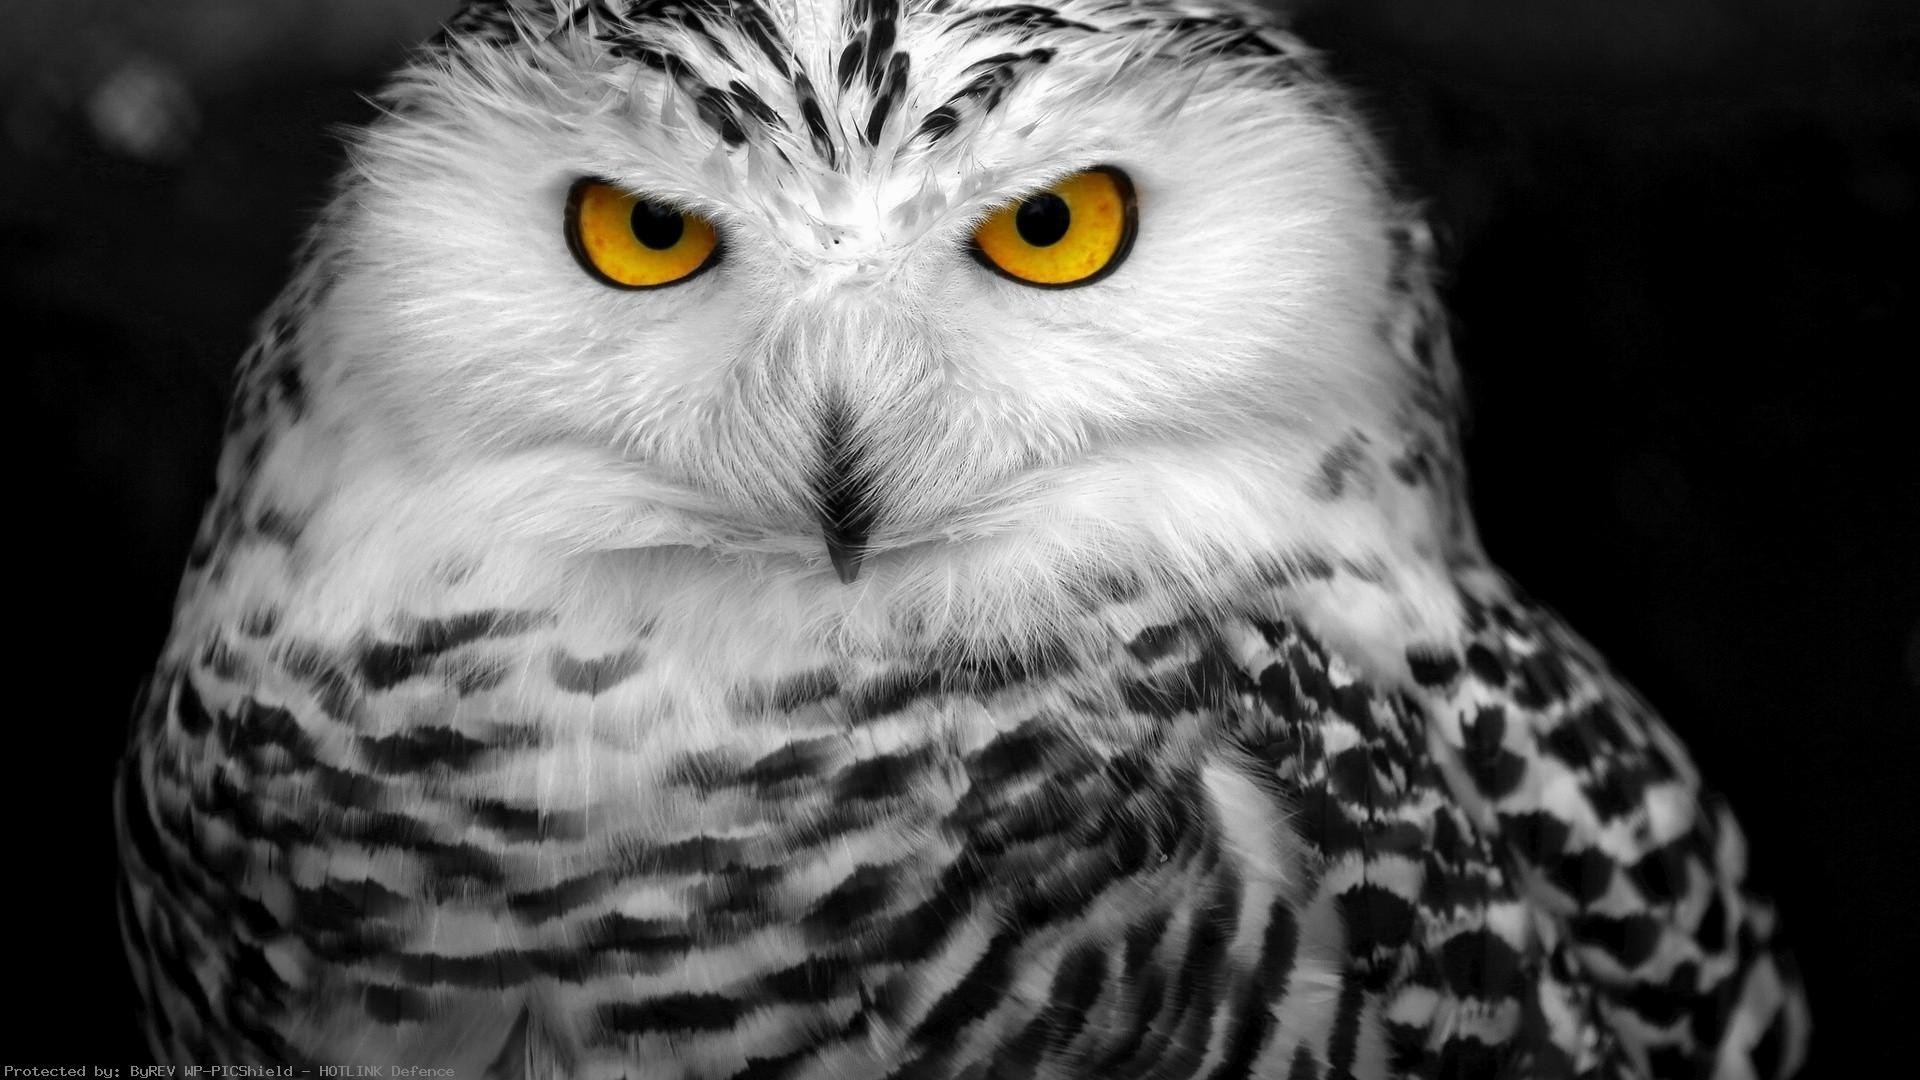 1920×1080-Snowy-Owl-HD-wallpaper-wp380947